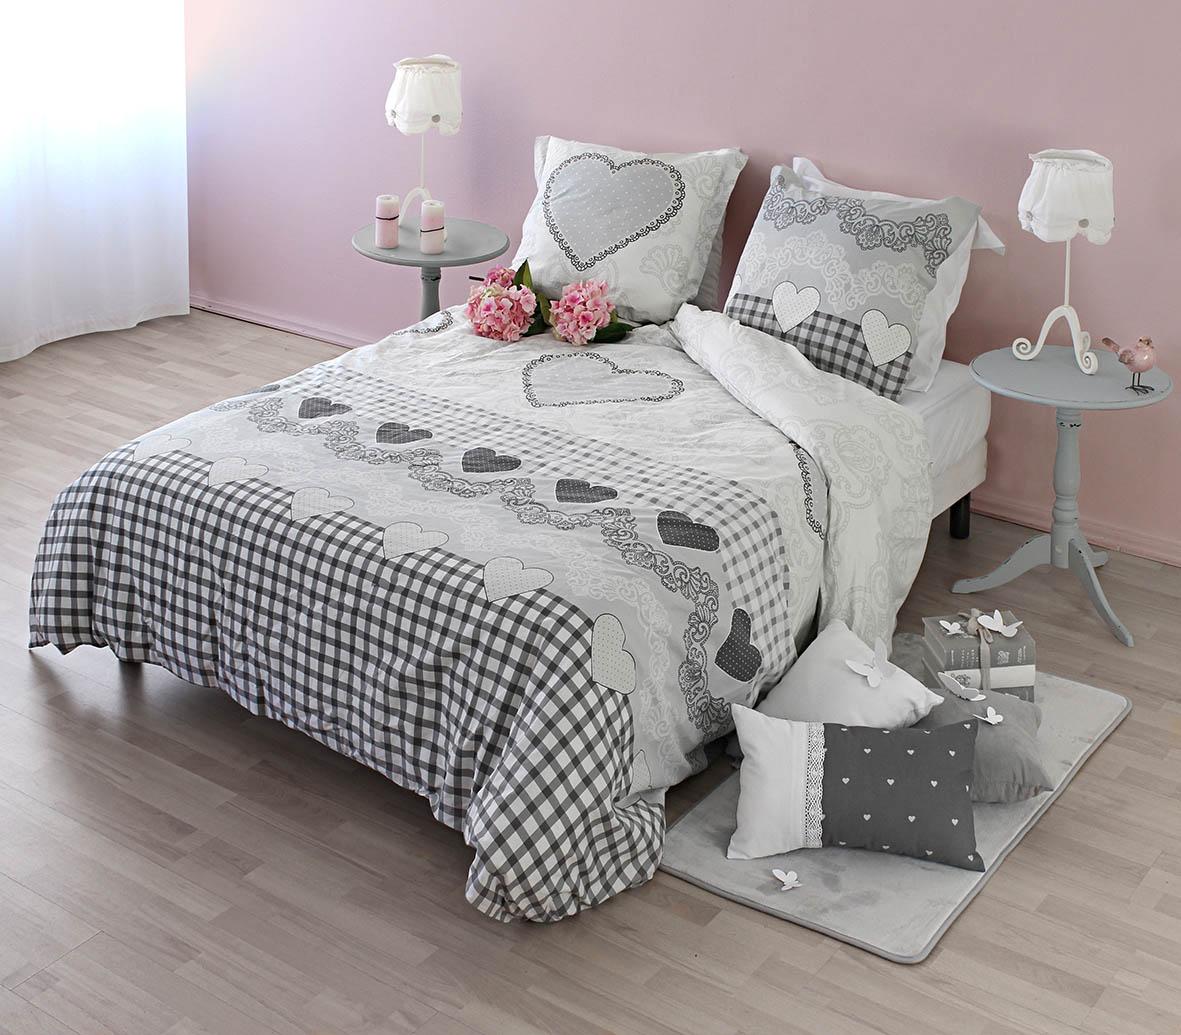 parure de lit motifs housse de couette et 2 taies romance matin d 39 hiver amour boh me. Black Bedroom Furniture Sets. Home Design Ideas